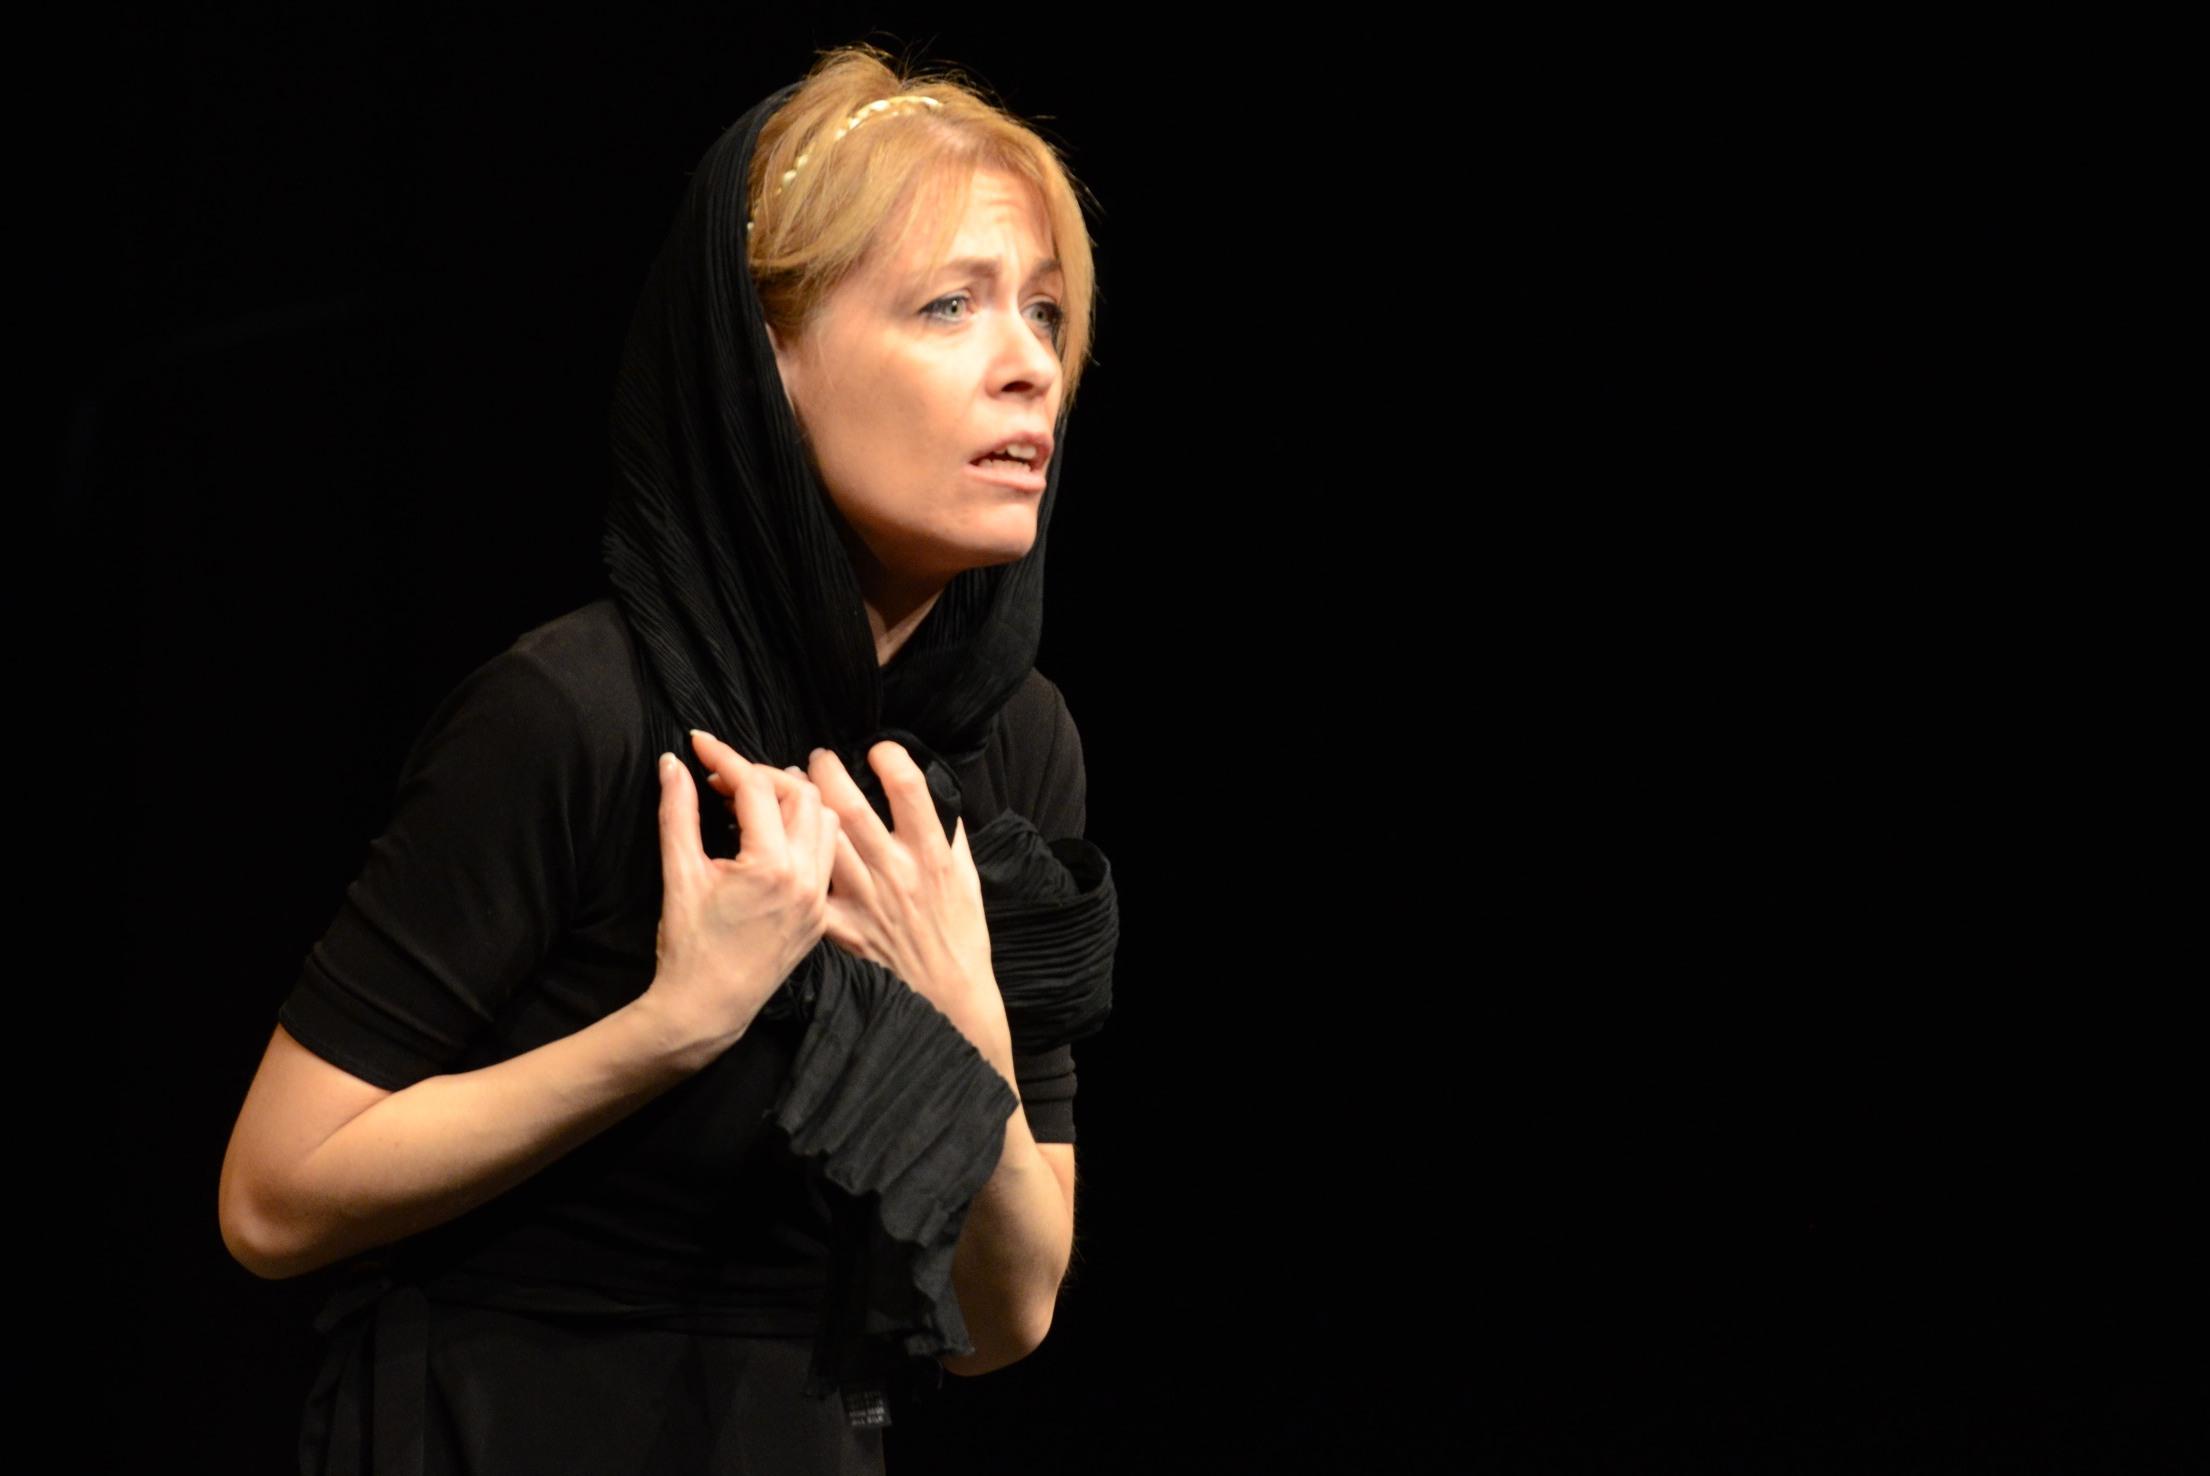 Ritratto di Maria, attrice di teatro di Torino